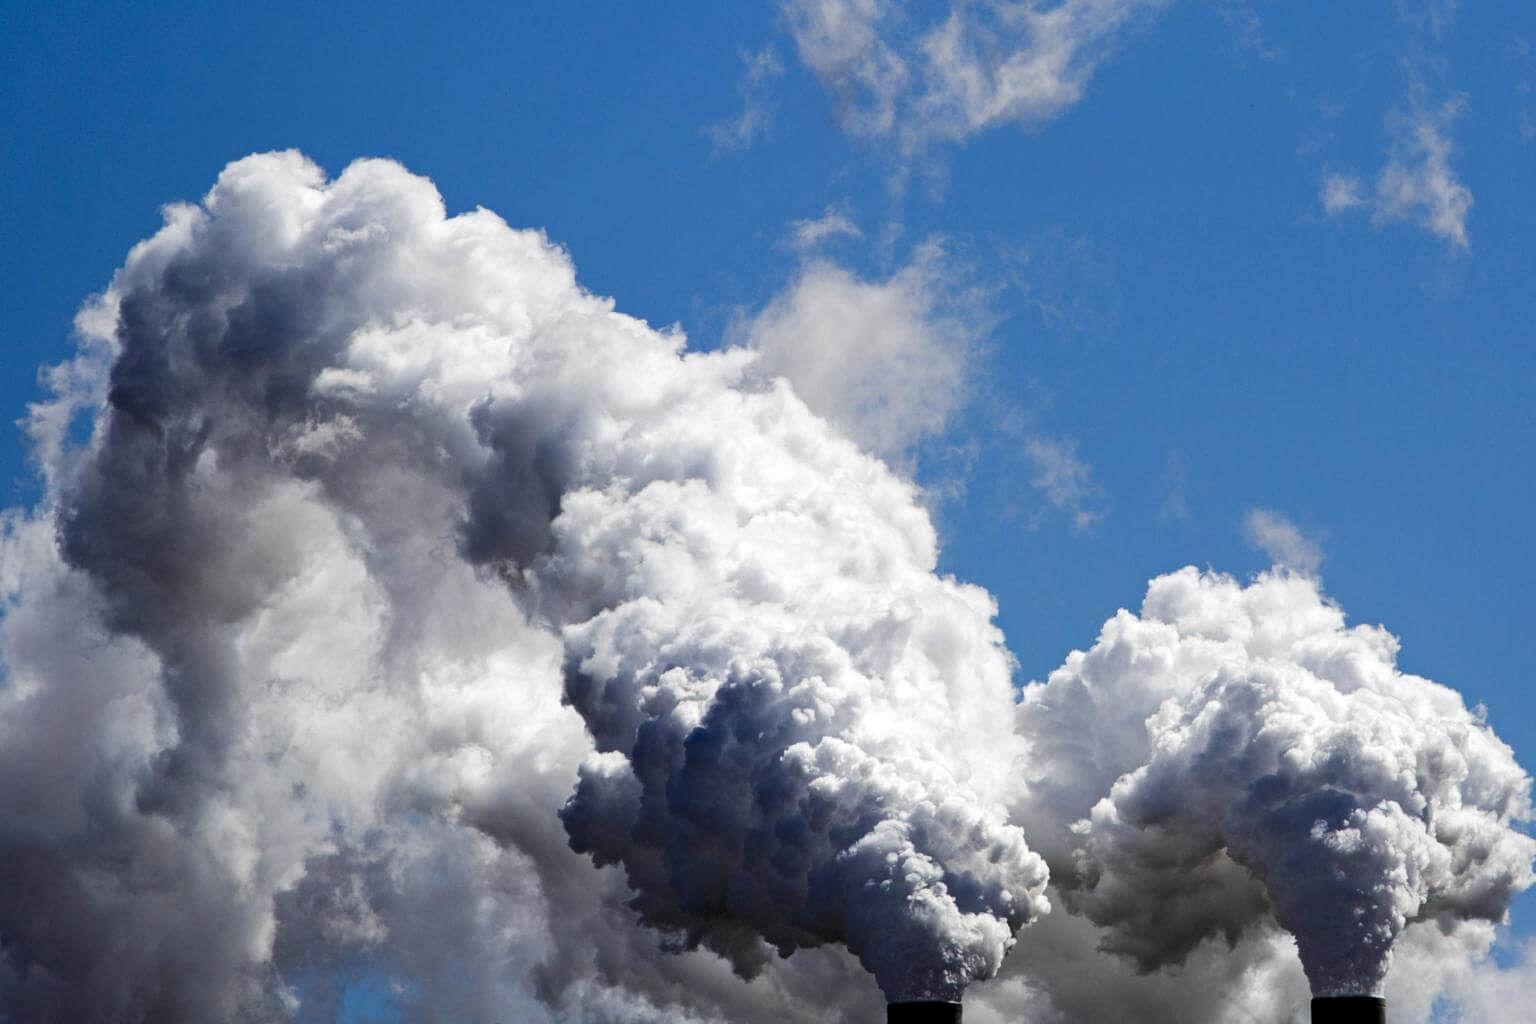 Superannuation body slams Trump on climate